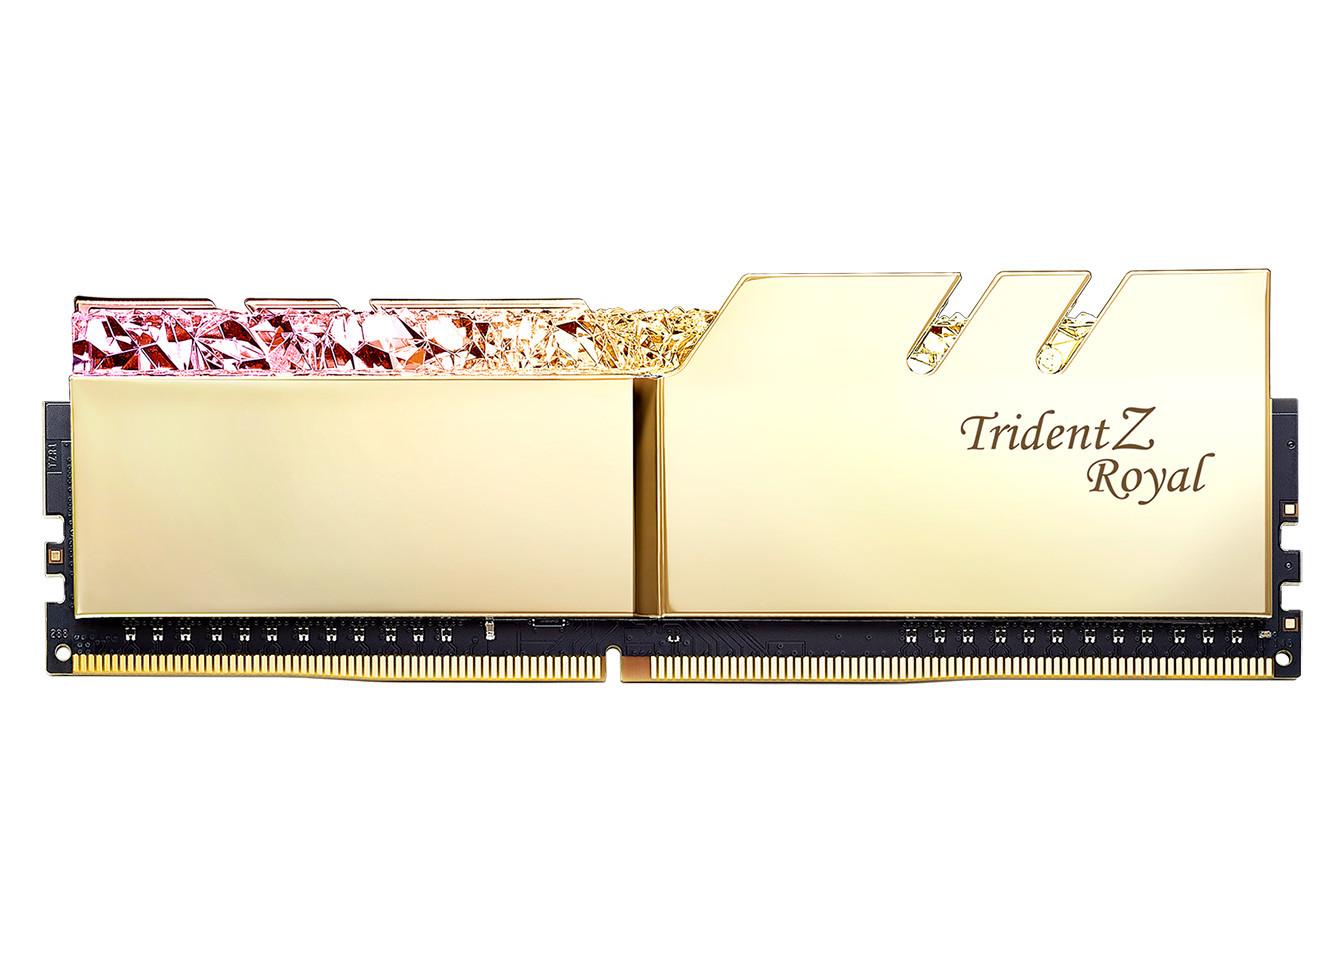 G SKILL Launches Trident Z Royal Series DDR4 RGB Memory Kits - EVGA